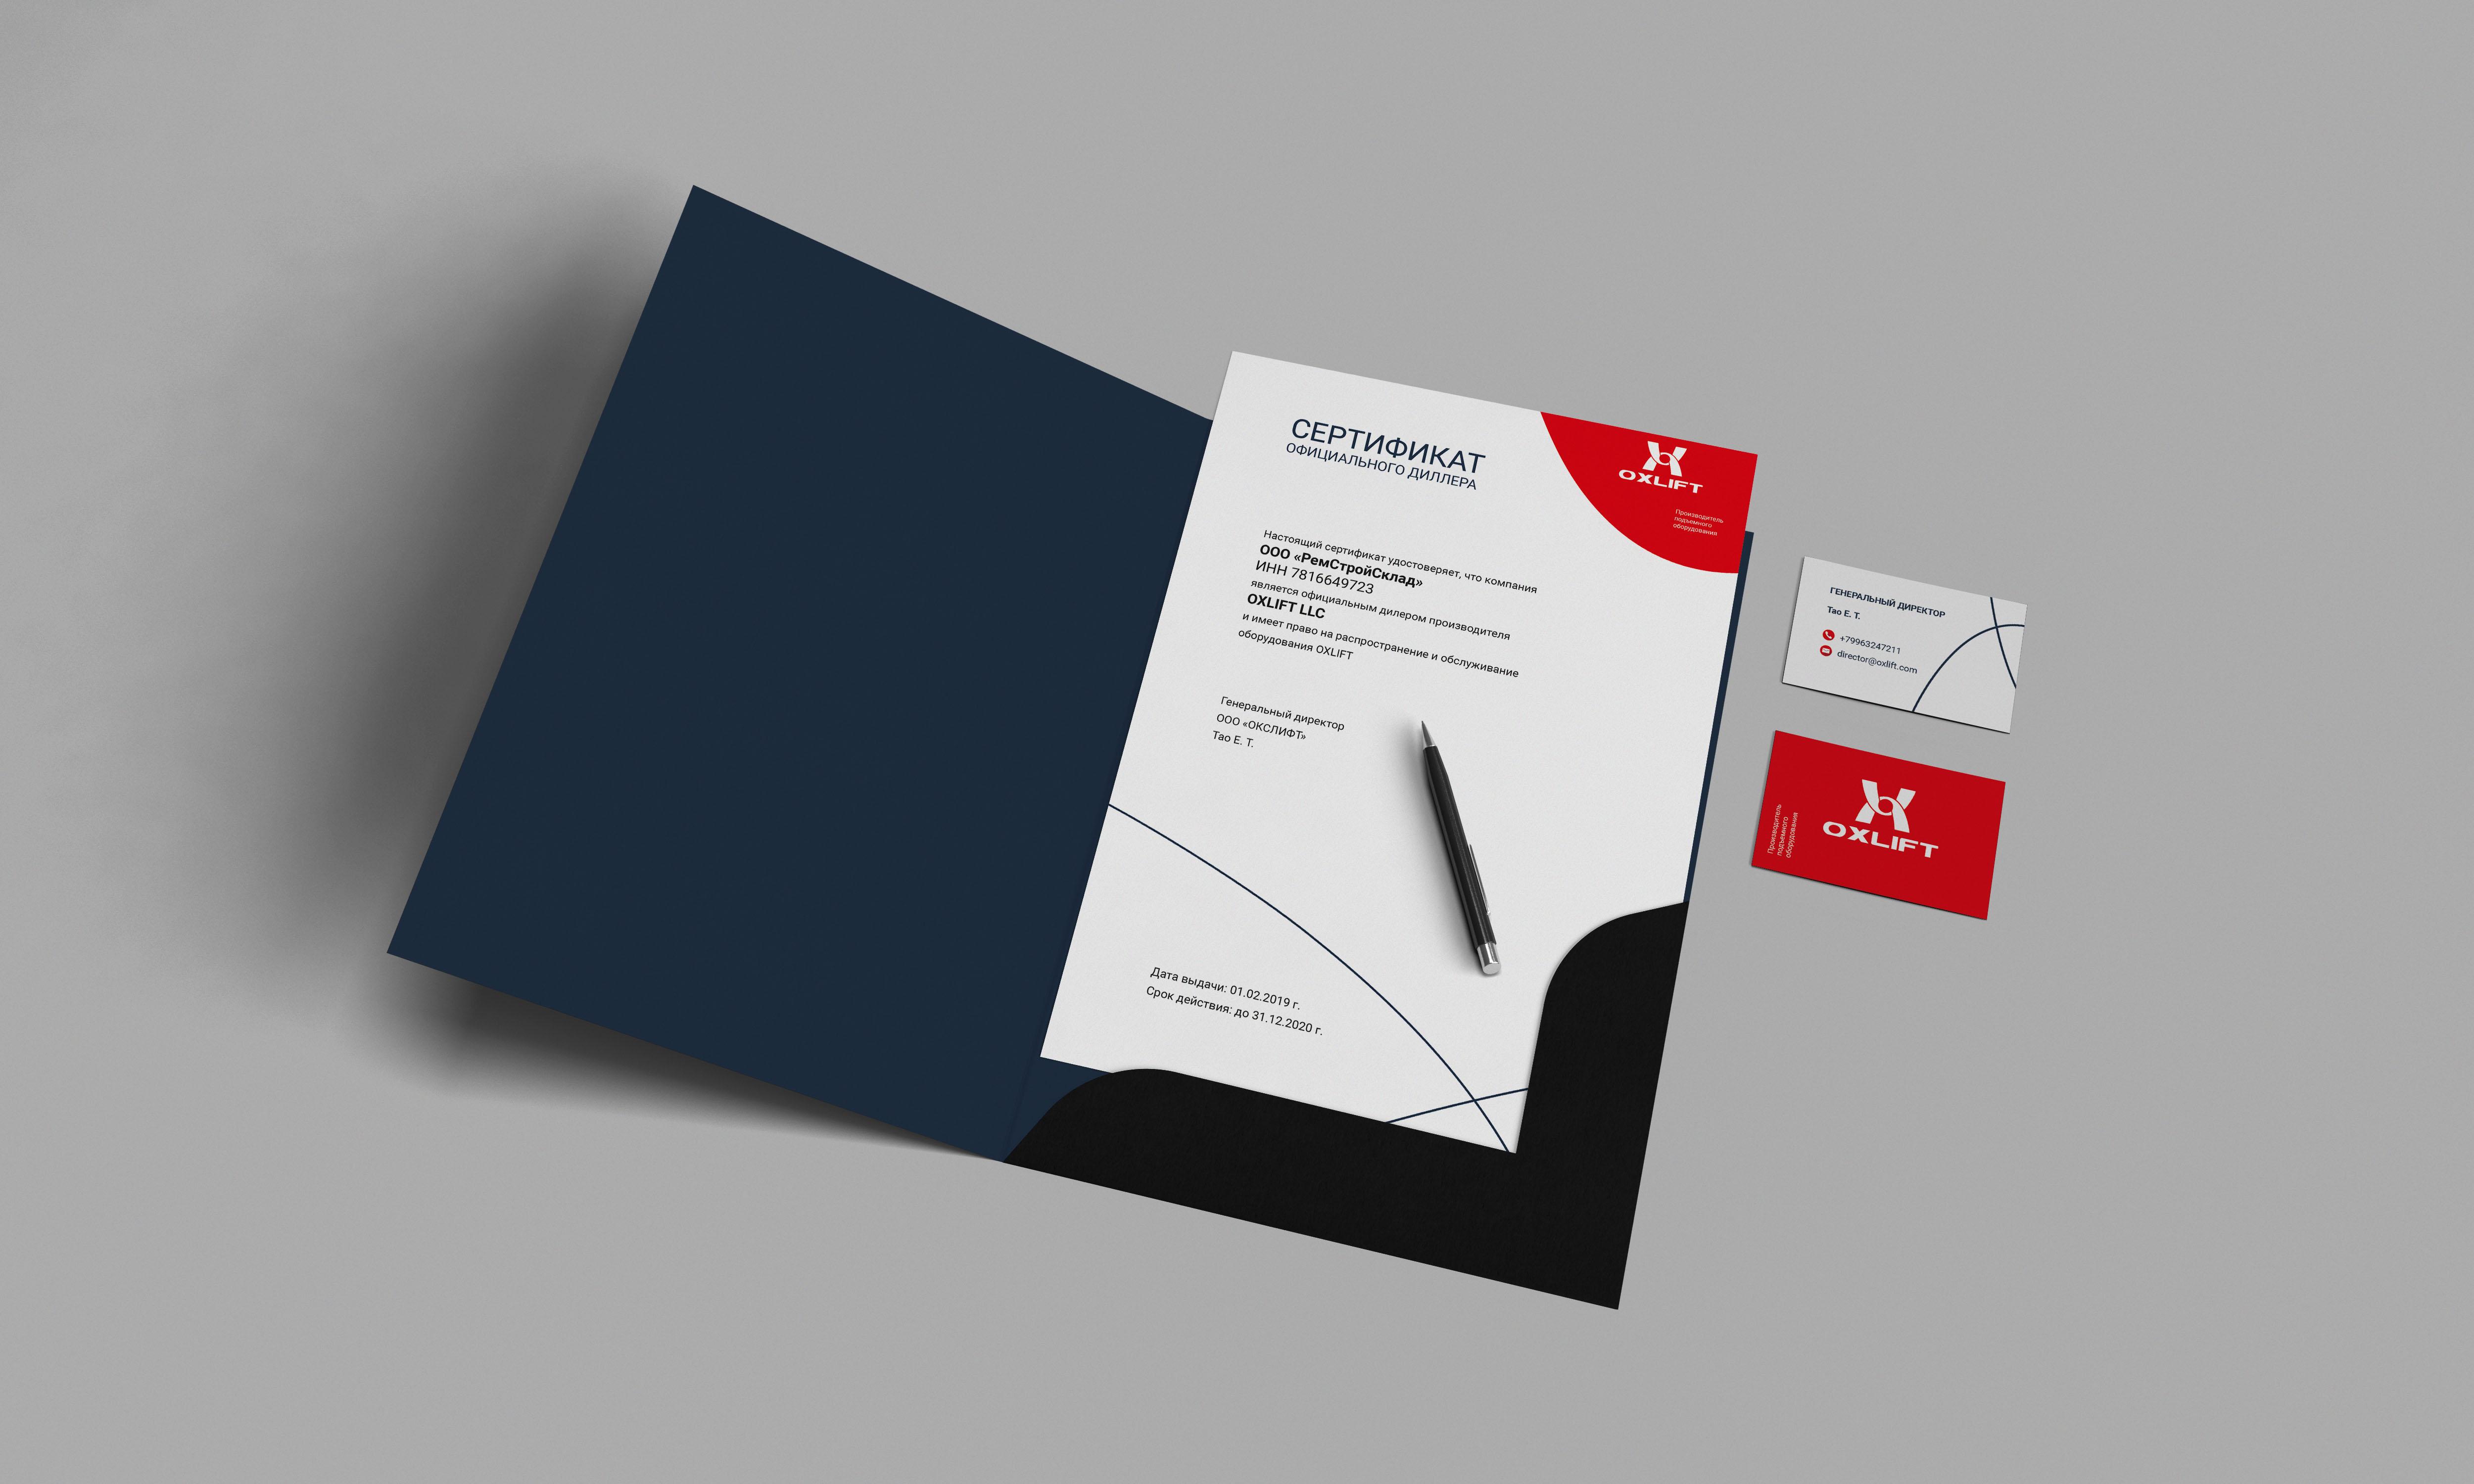 Дизайн визитки и сертификата фото f_8866014458552cbb.jpg